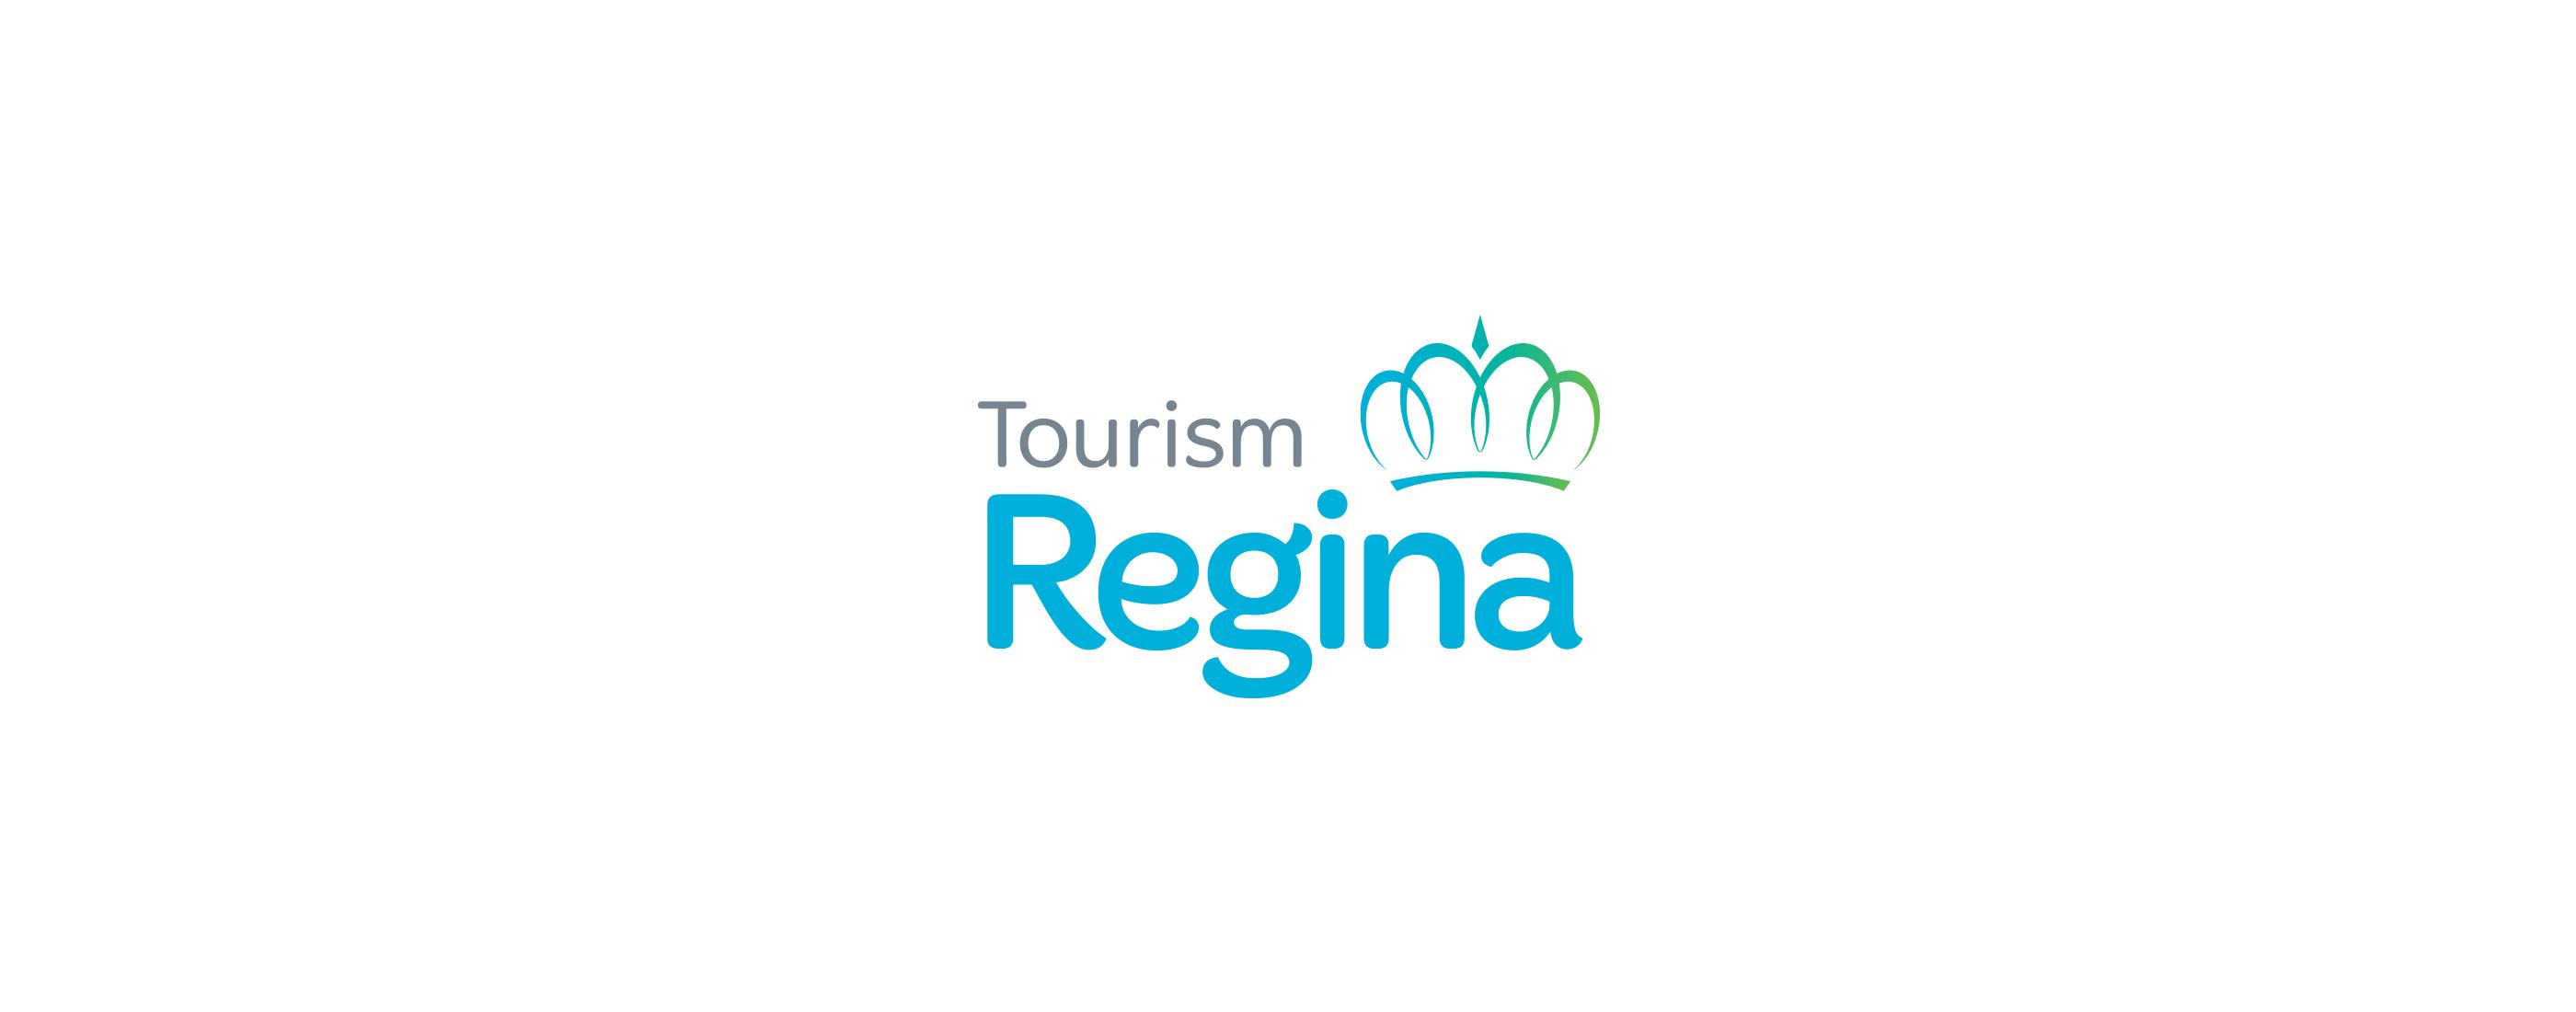 Tourism Regina - Logo